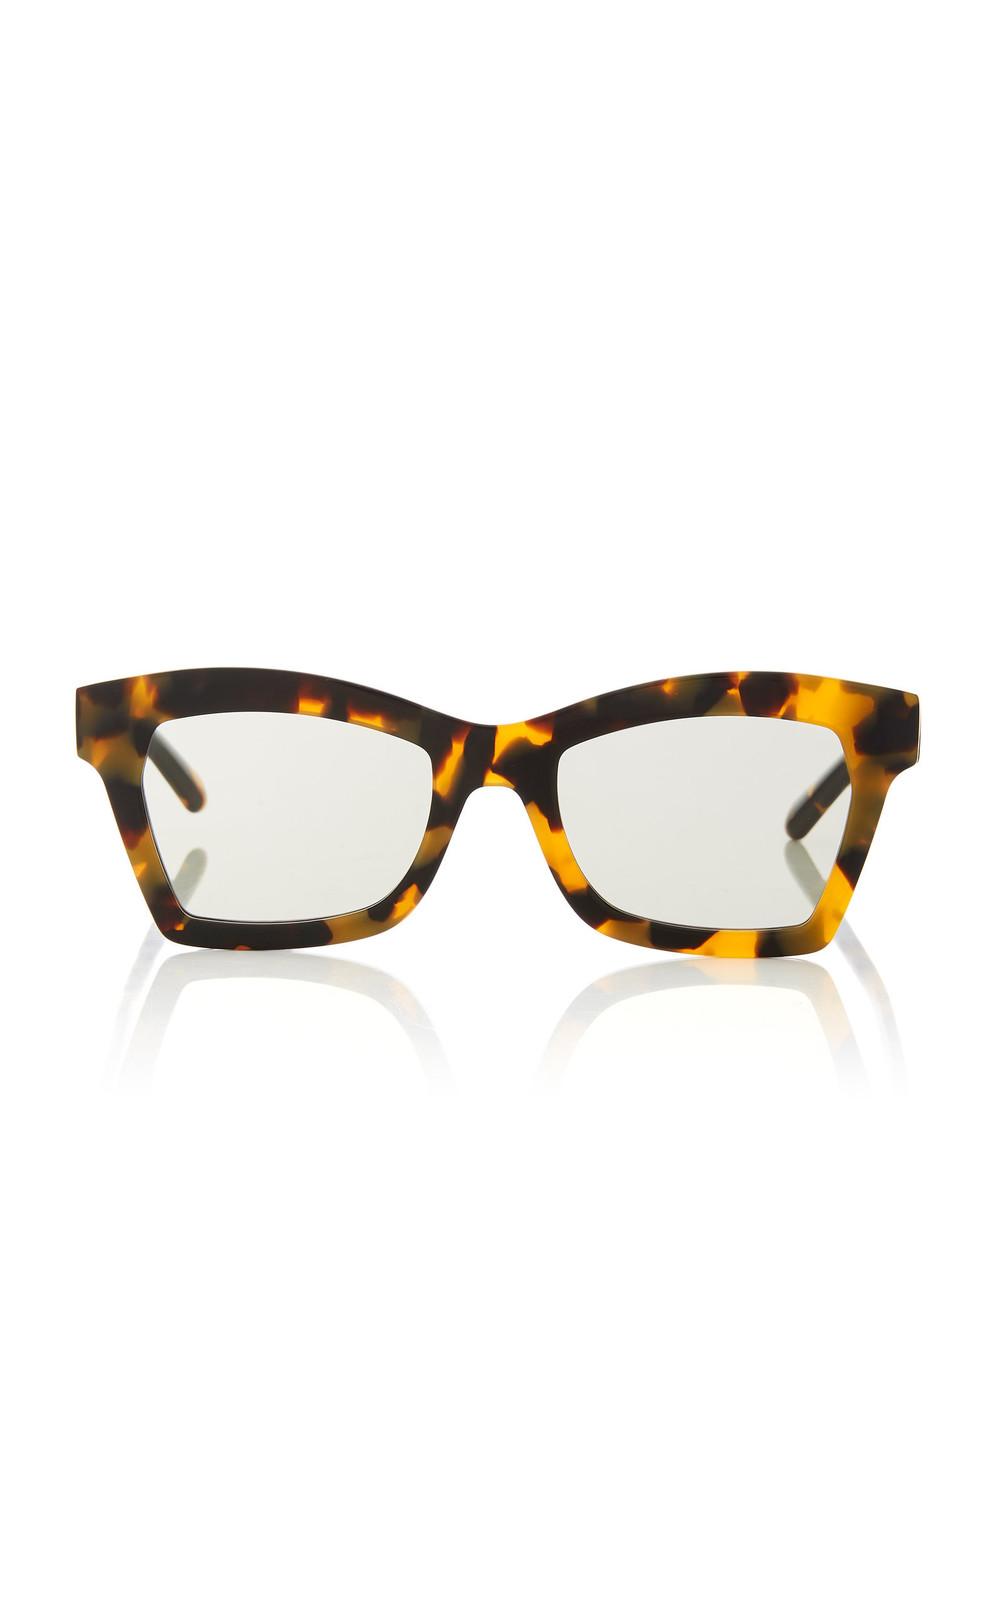 Karen Walker Blessed Square-Frame Tortoiseshell Acetate Sunglasses in brown